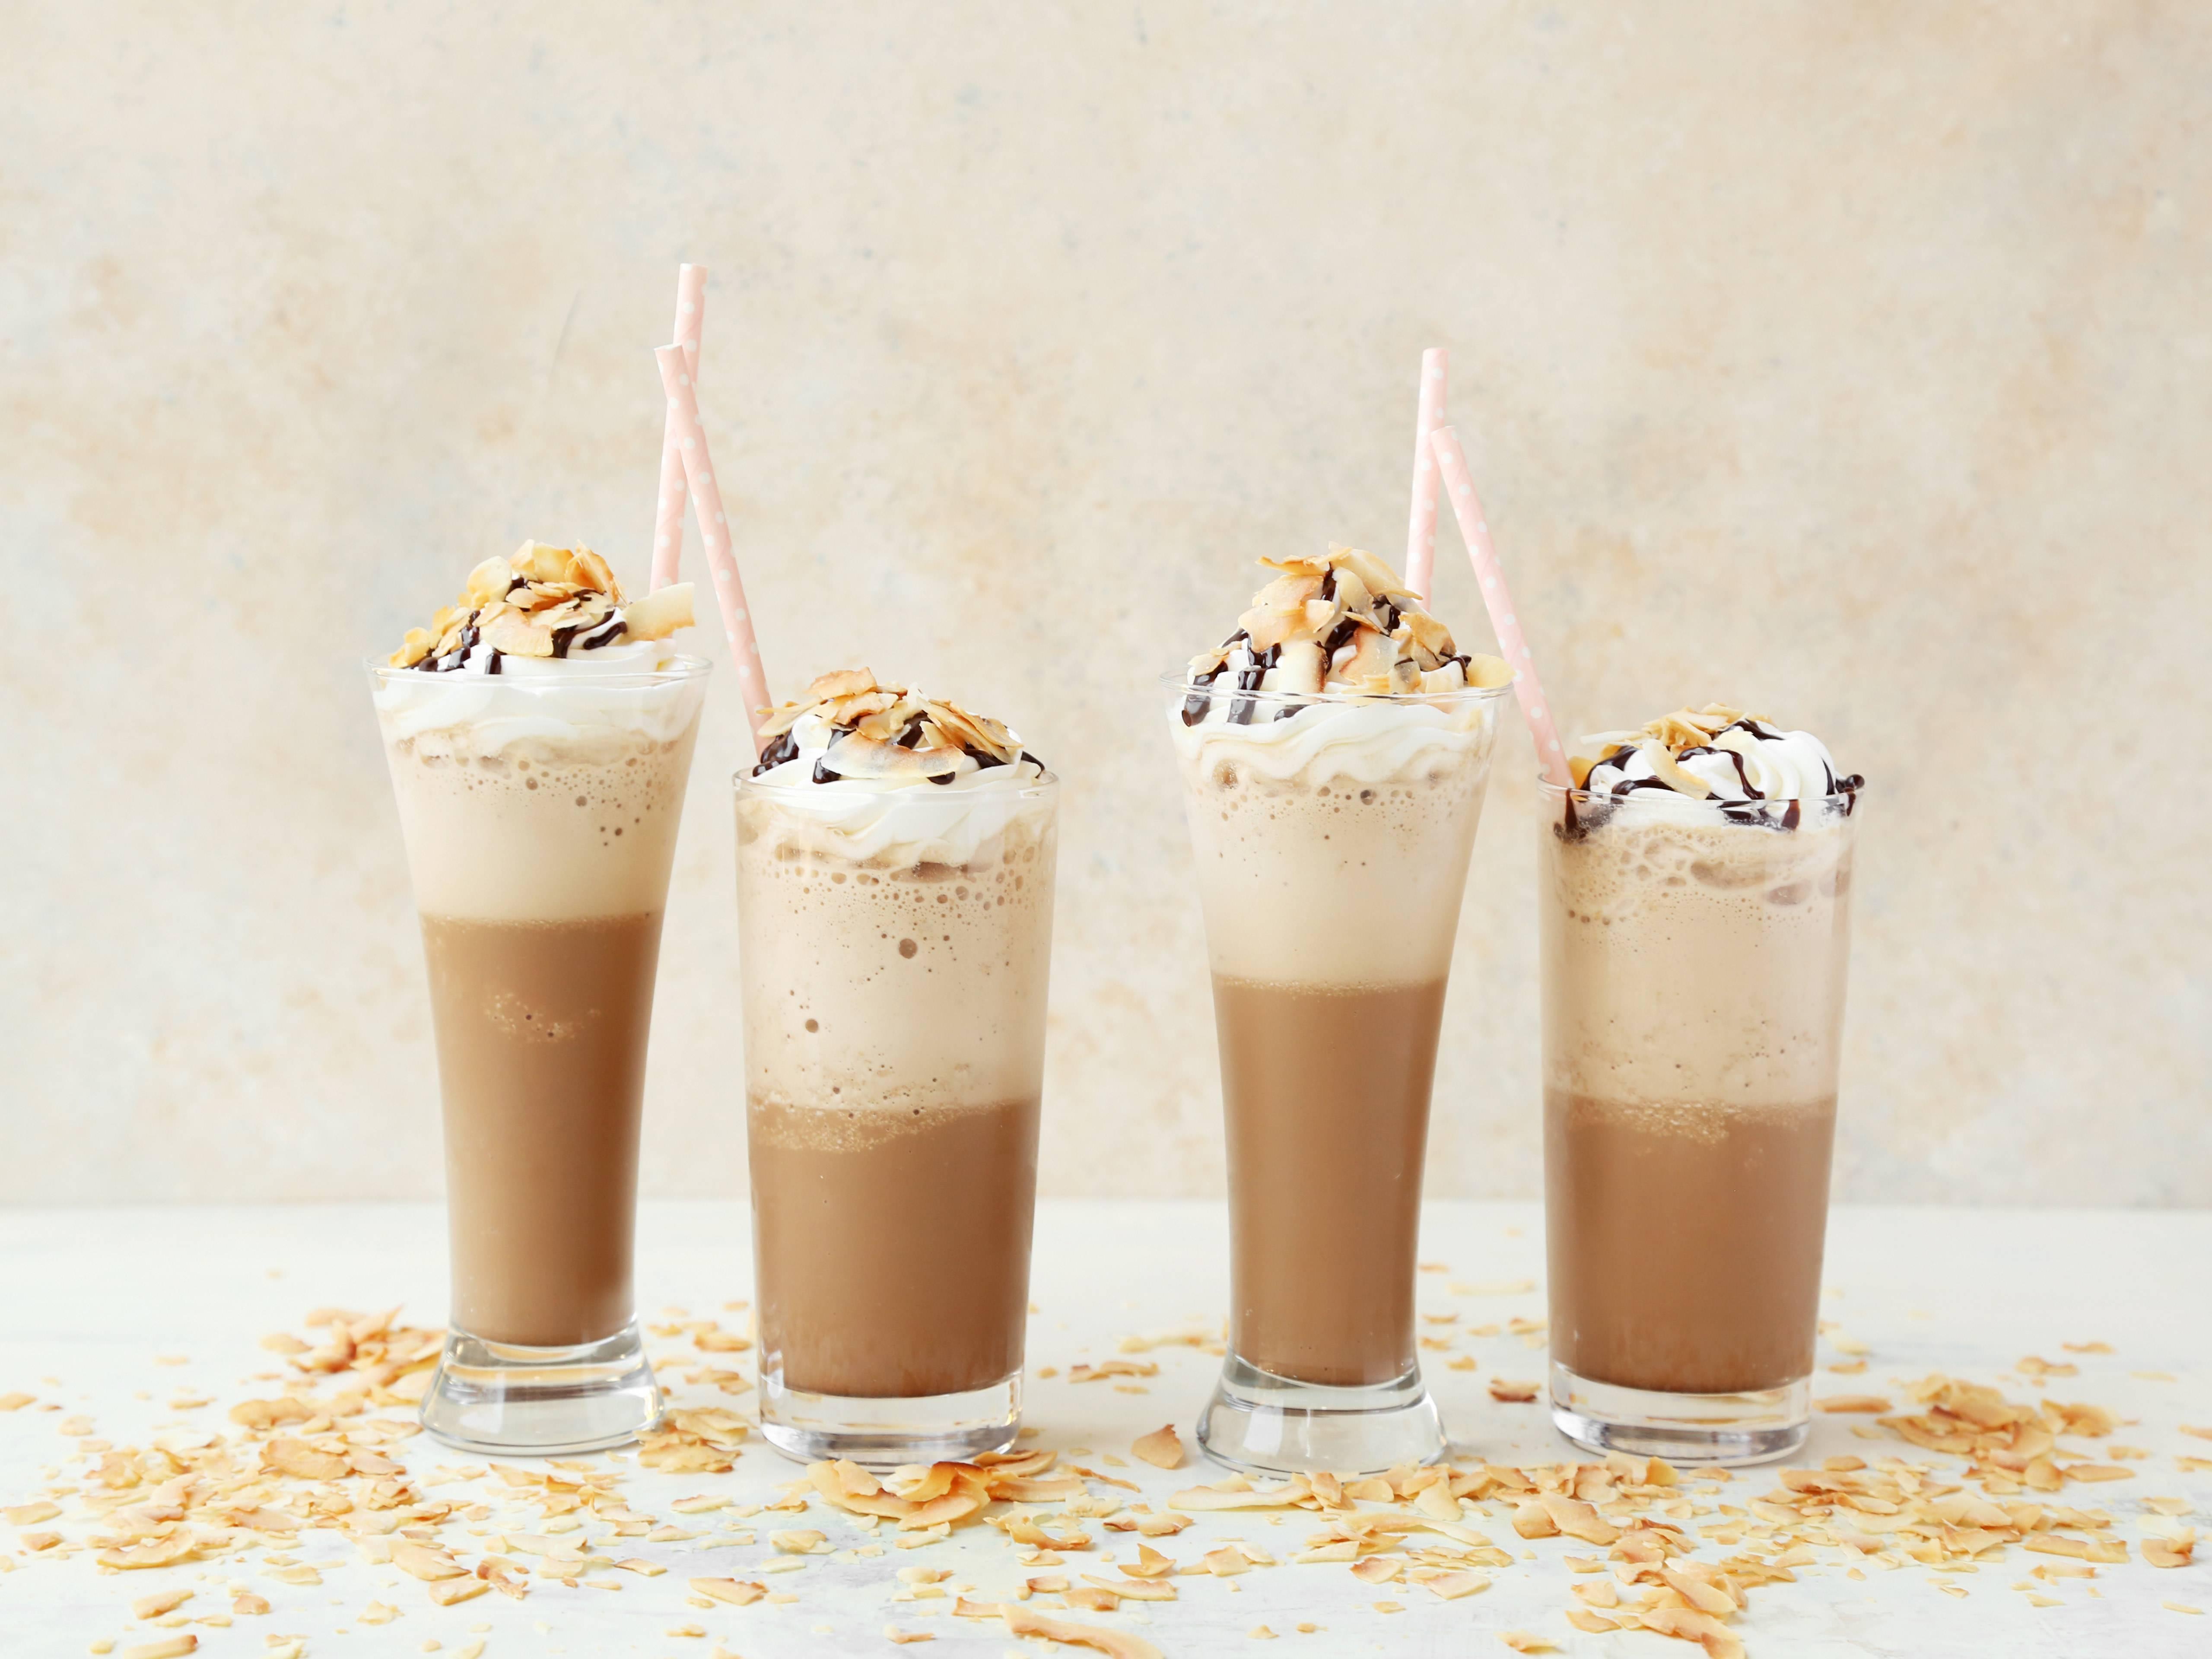 Сиропы в кофе: какой выбрать и сколько добавить. советует бариста